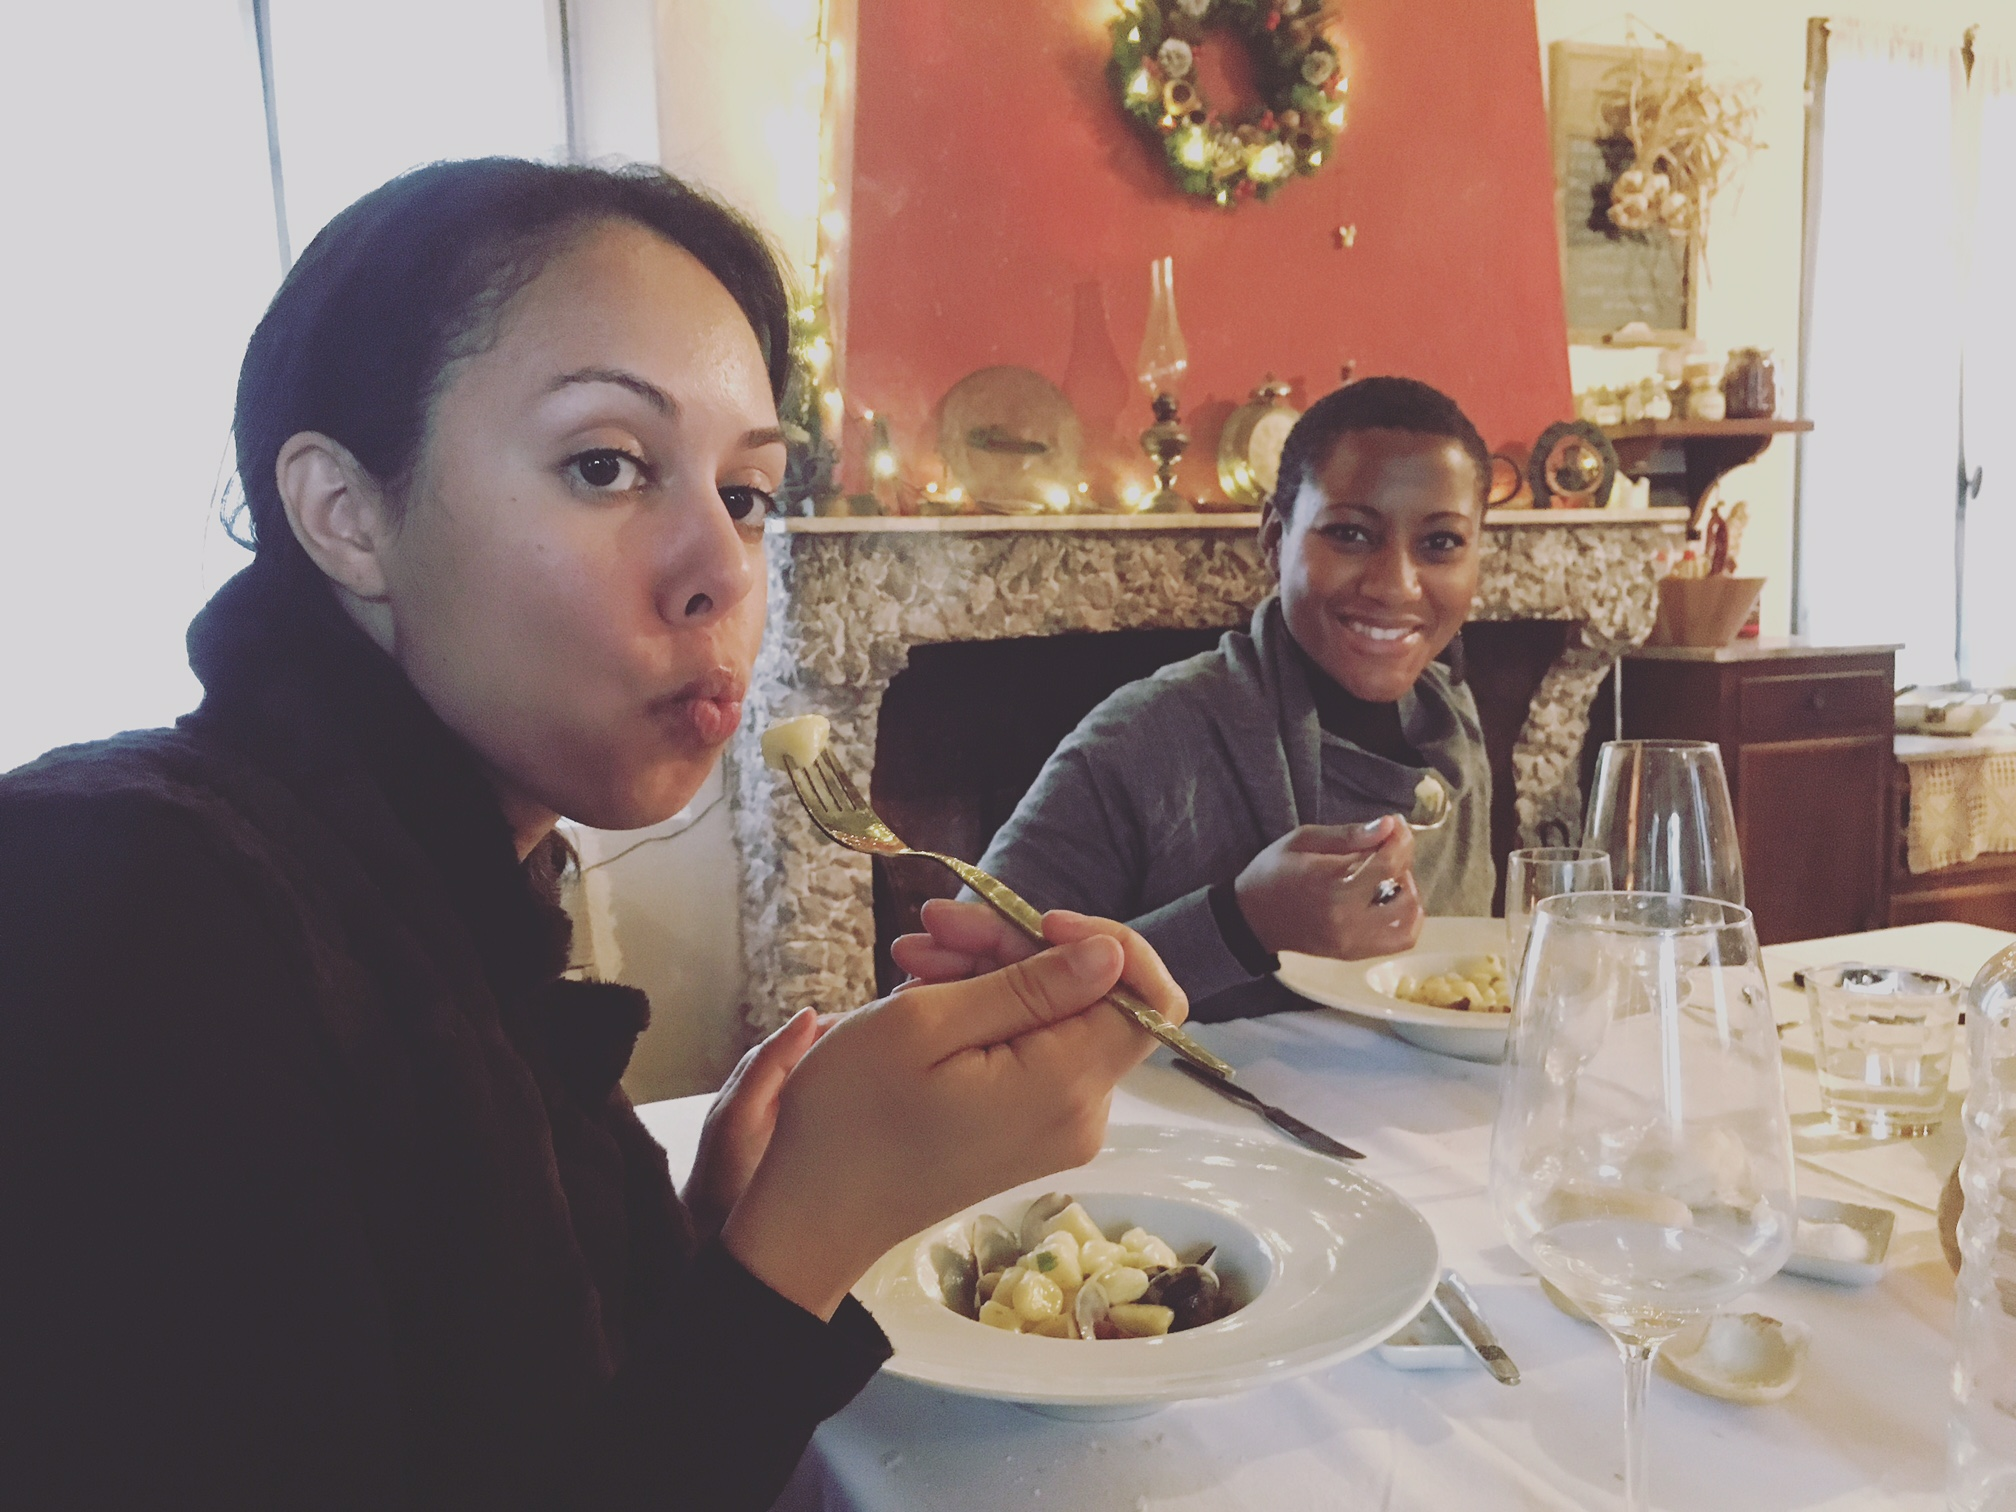 Artigiano - Alexis and Nicole